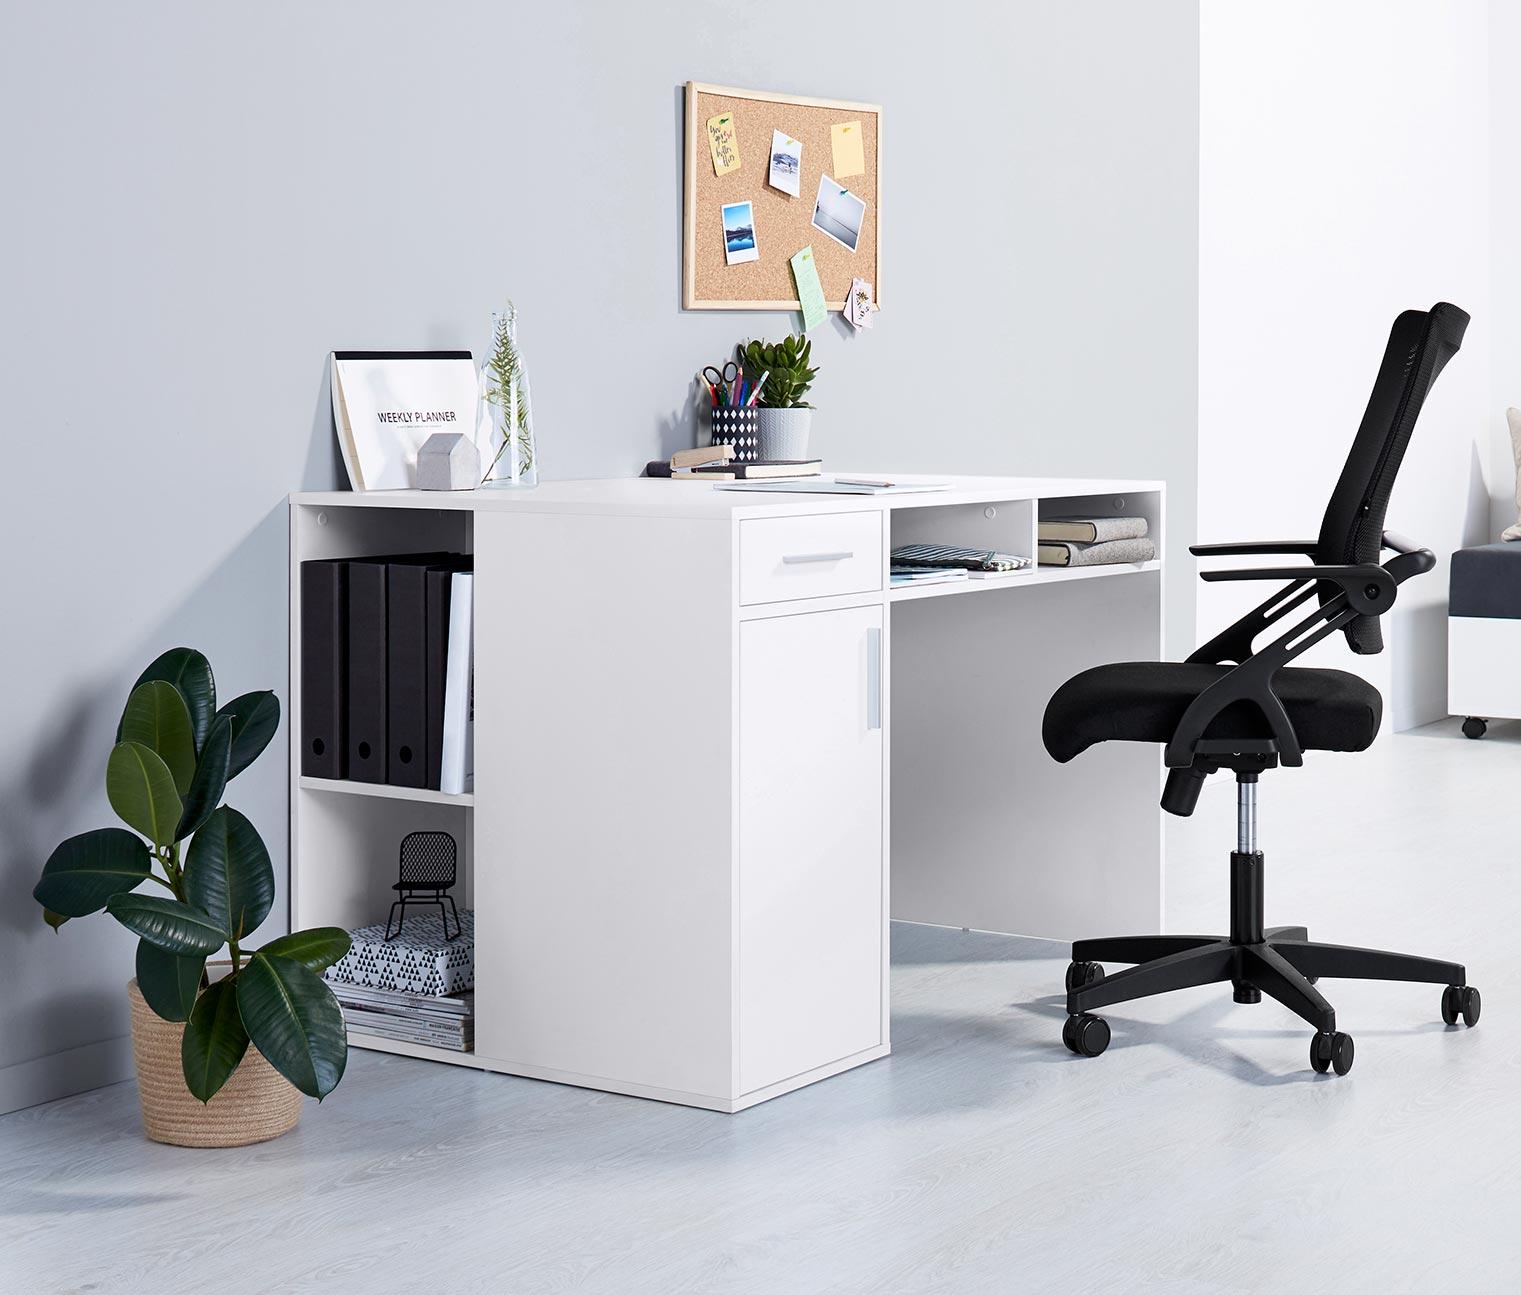 Image of Schreibtisch mit Stauraum